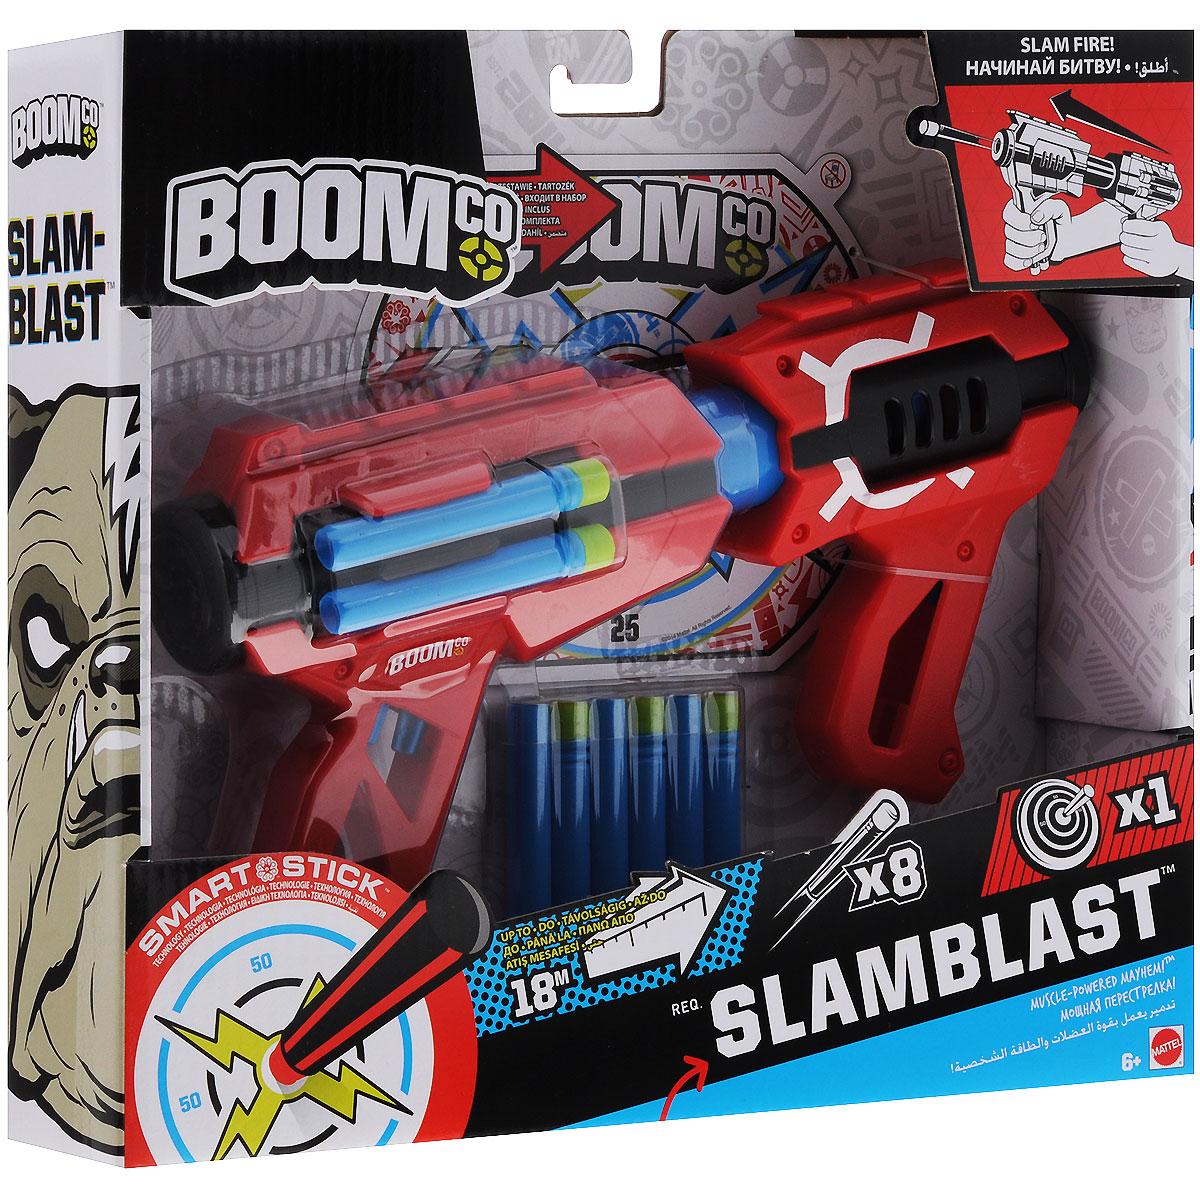 BOOMco Бластер Slam Blast, с патронамиCFD42Быстрый и надежный дальнобойный бластер BOOMco Slam Blast позволит вашему ребенку почувствовать себя во всеоружии. Набор включает в себя бластер, восемь снарядов и мишень. Игрушка выполнена из прочного безопасного пластика. Благодаря уникальной технологии Smart Stick, снаряды прикрепляются куда угодно, не повреждая поверхность. Разместите мишень на стене и устройте дружеское соревнование. Бластер обеспечит мега-мощность! Расстояние выстрела - 18 м. Может соединяться с другими аксессуарами и бластерами BOOMco для еще большей огневой силы. Такая игрушка не только порадует малыша, но и поможет ему совершенствовать мелкую и крупную моторику, а также координацию движений. Ребенок сможет соревноваться с друзьями в меткости и скорости стрельбы, или устроить настоящее космическое сражение!